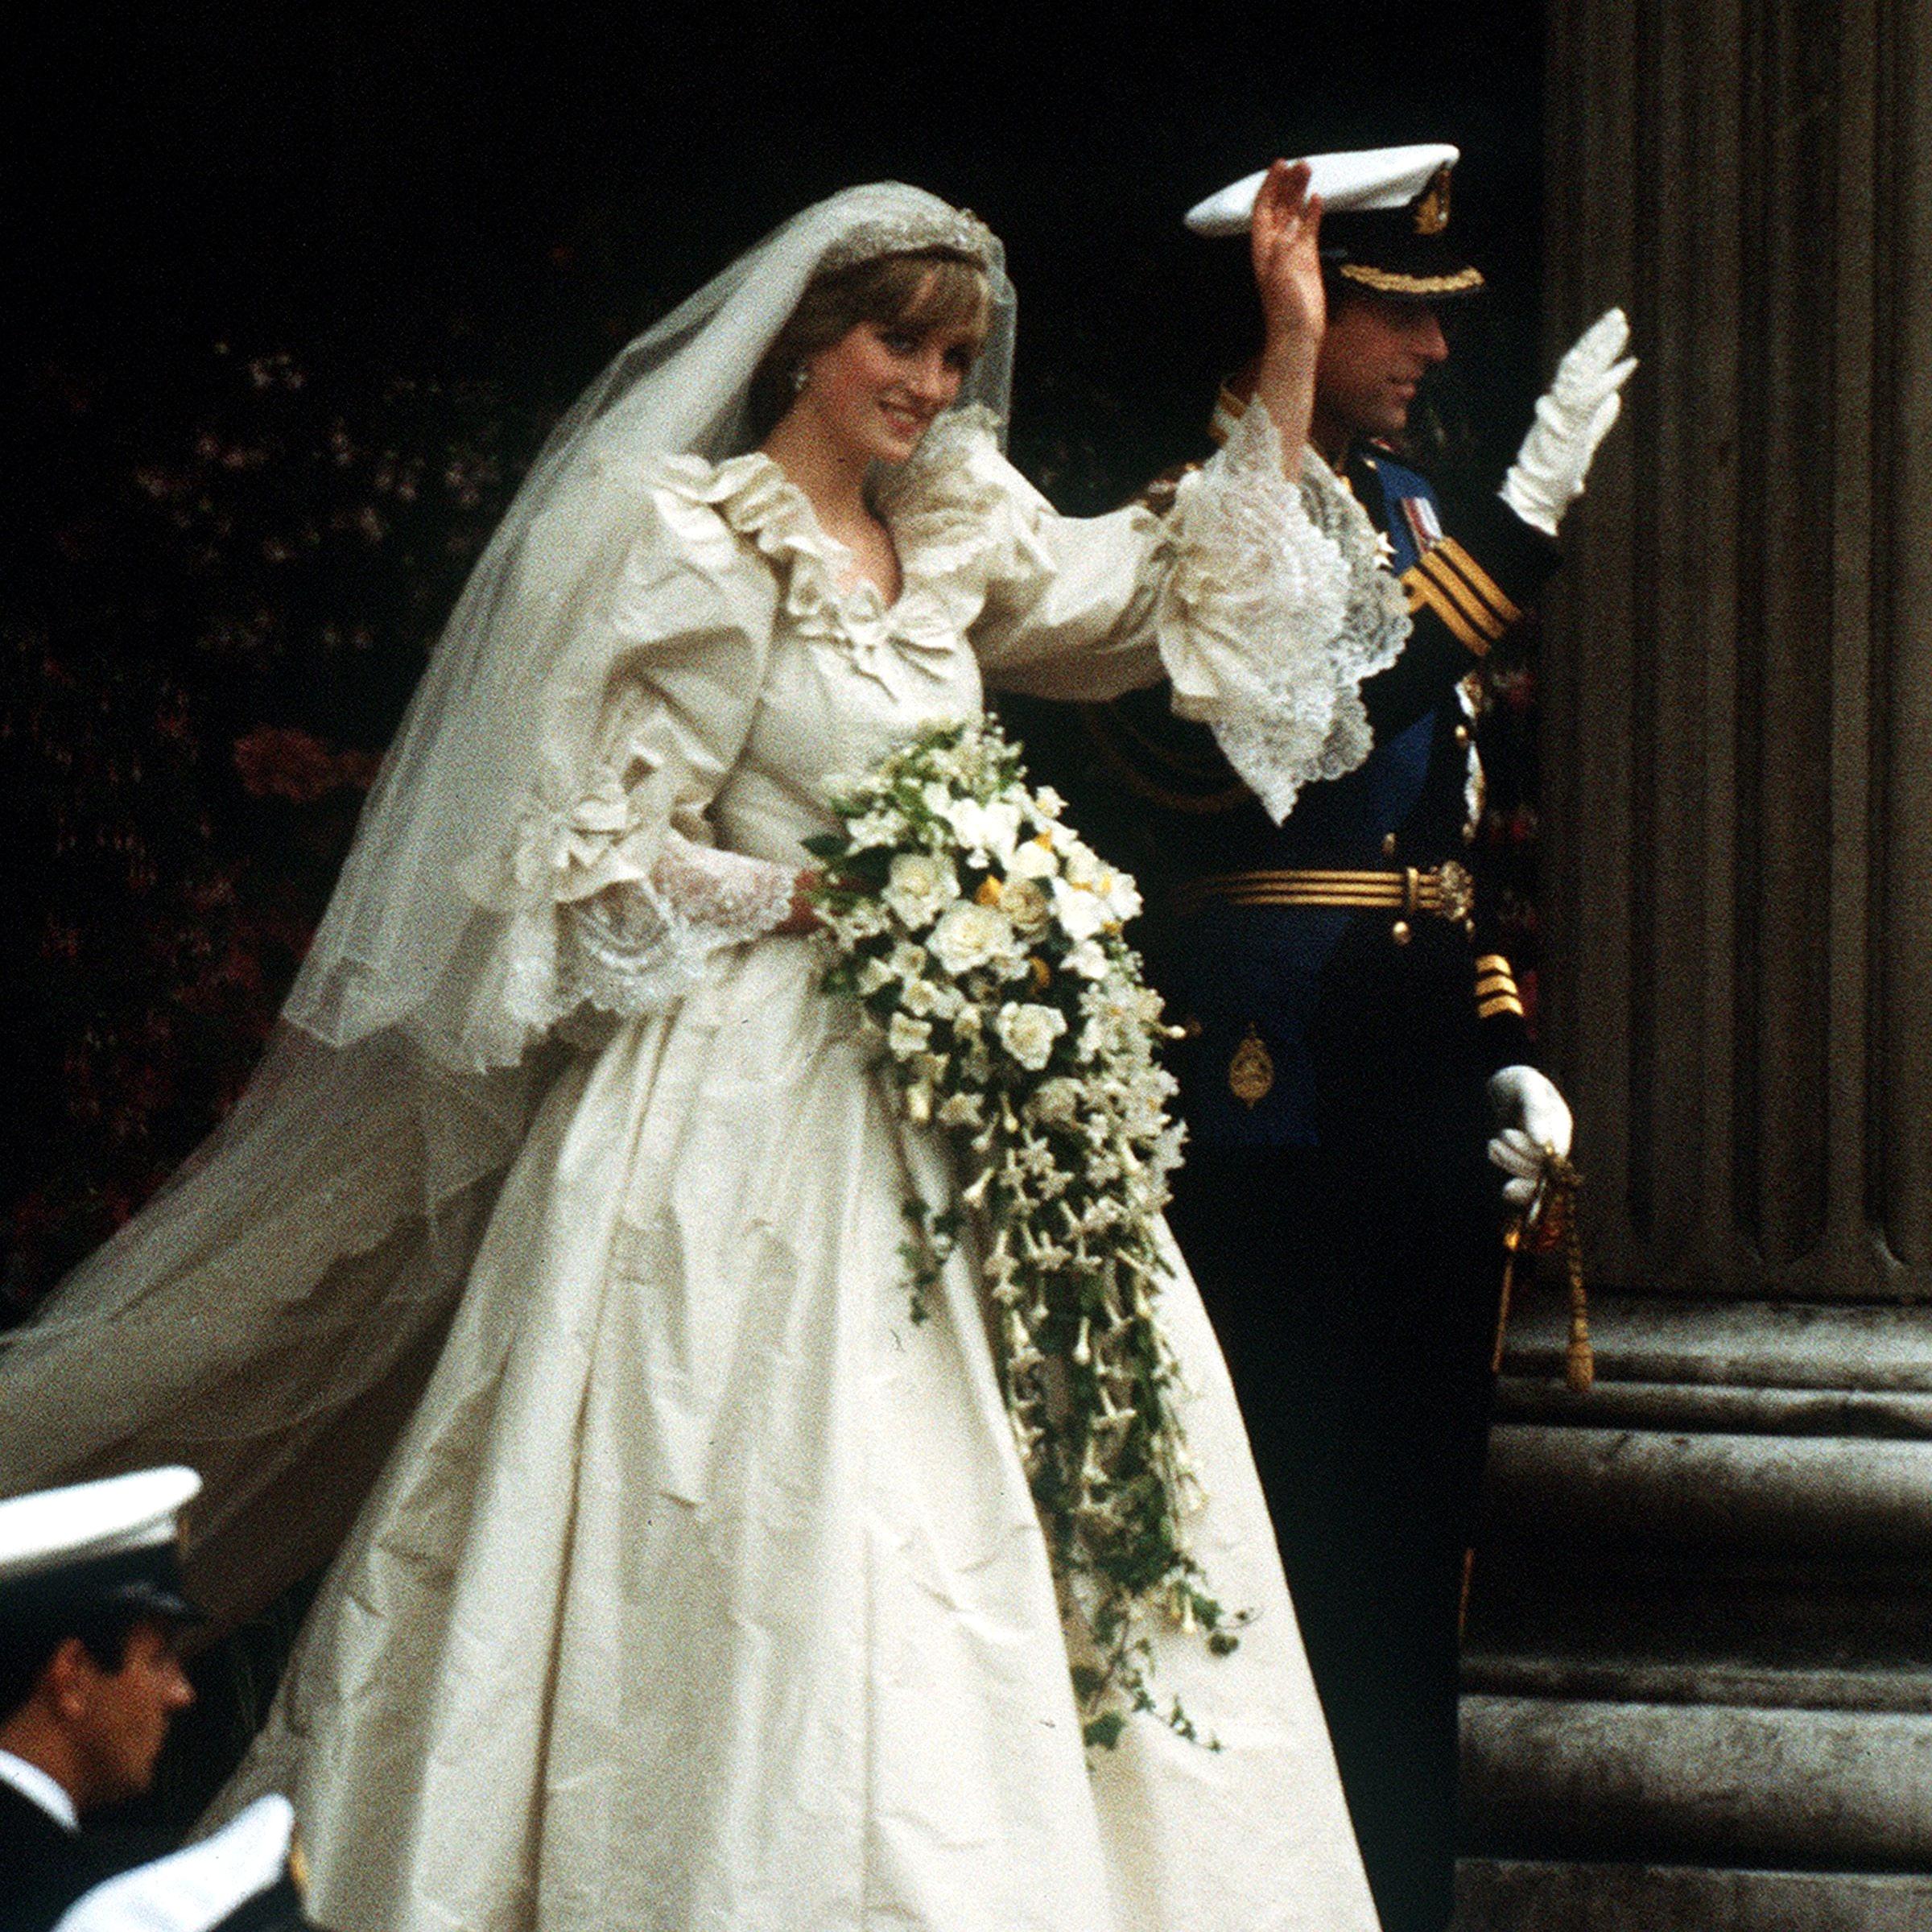 Свадьба принца Чарльза и Дианы Спенсер, 1981